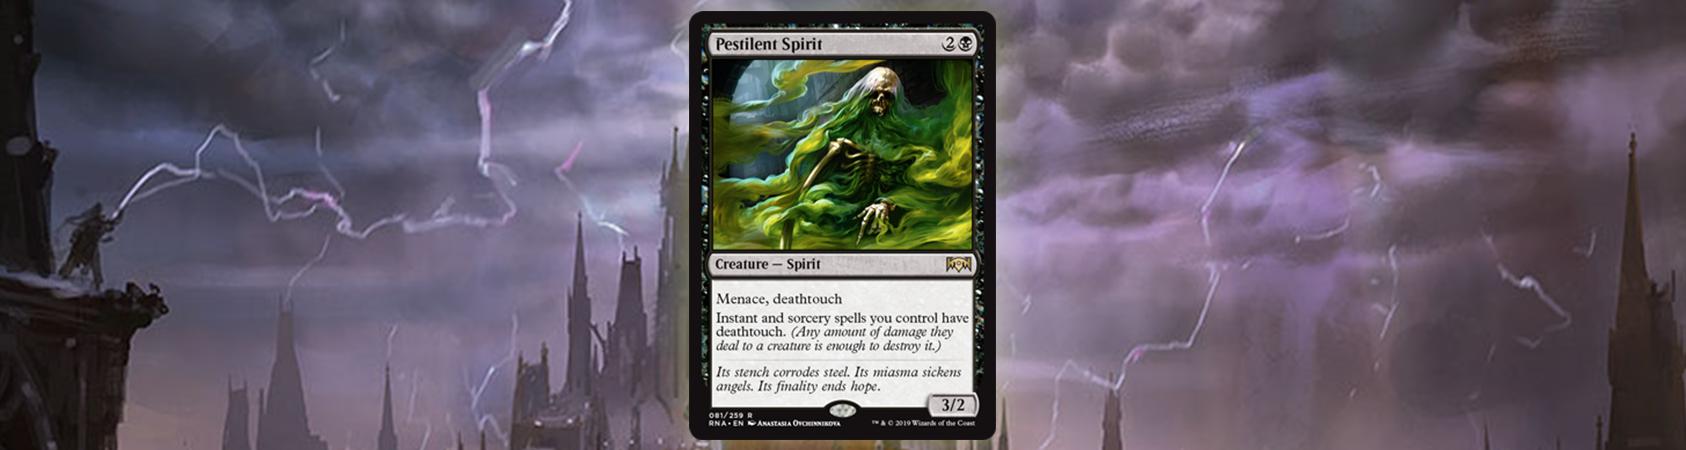 Pestilent Spirit's Storm